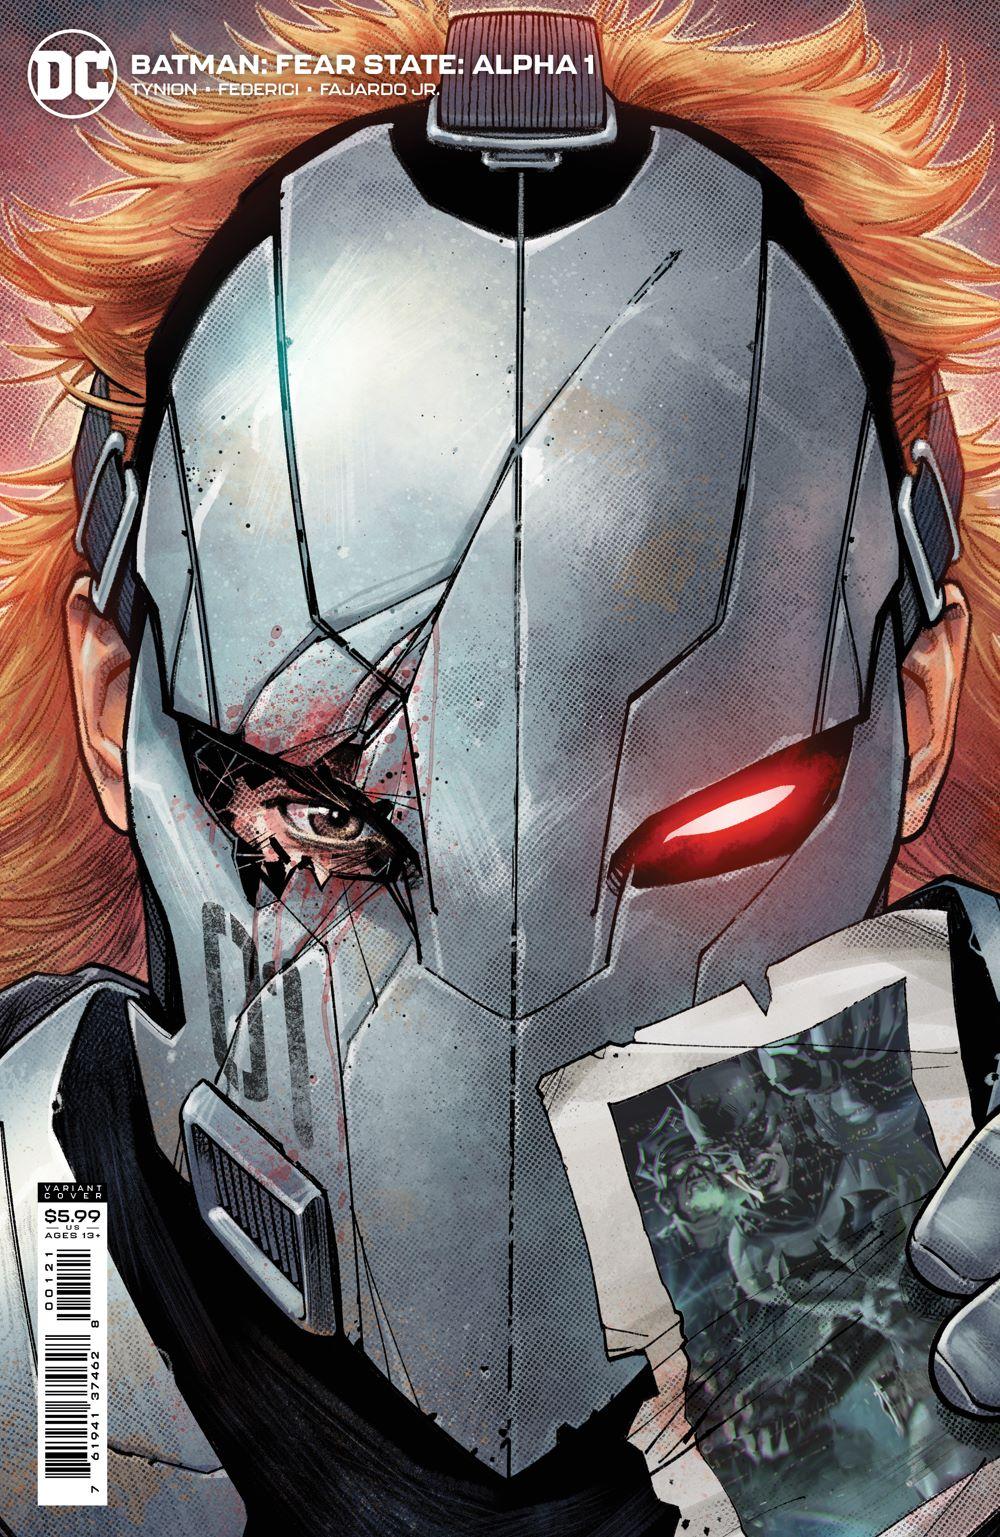 BM_FS_ALPHA_Cv1_var_00121 DC Comics August 2021 Solicitations